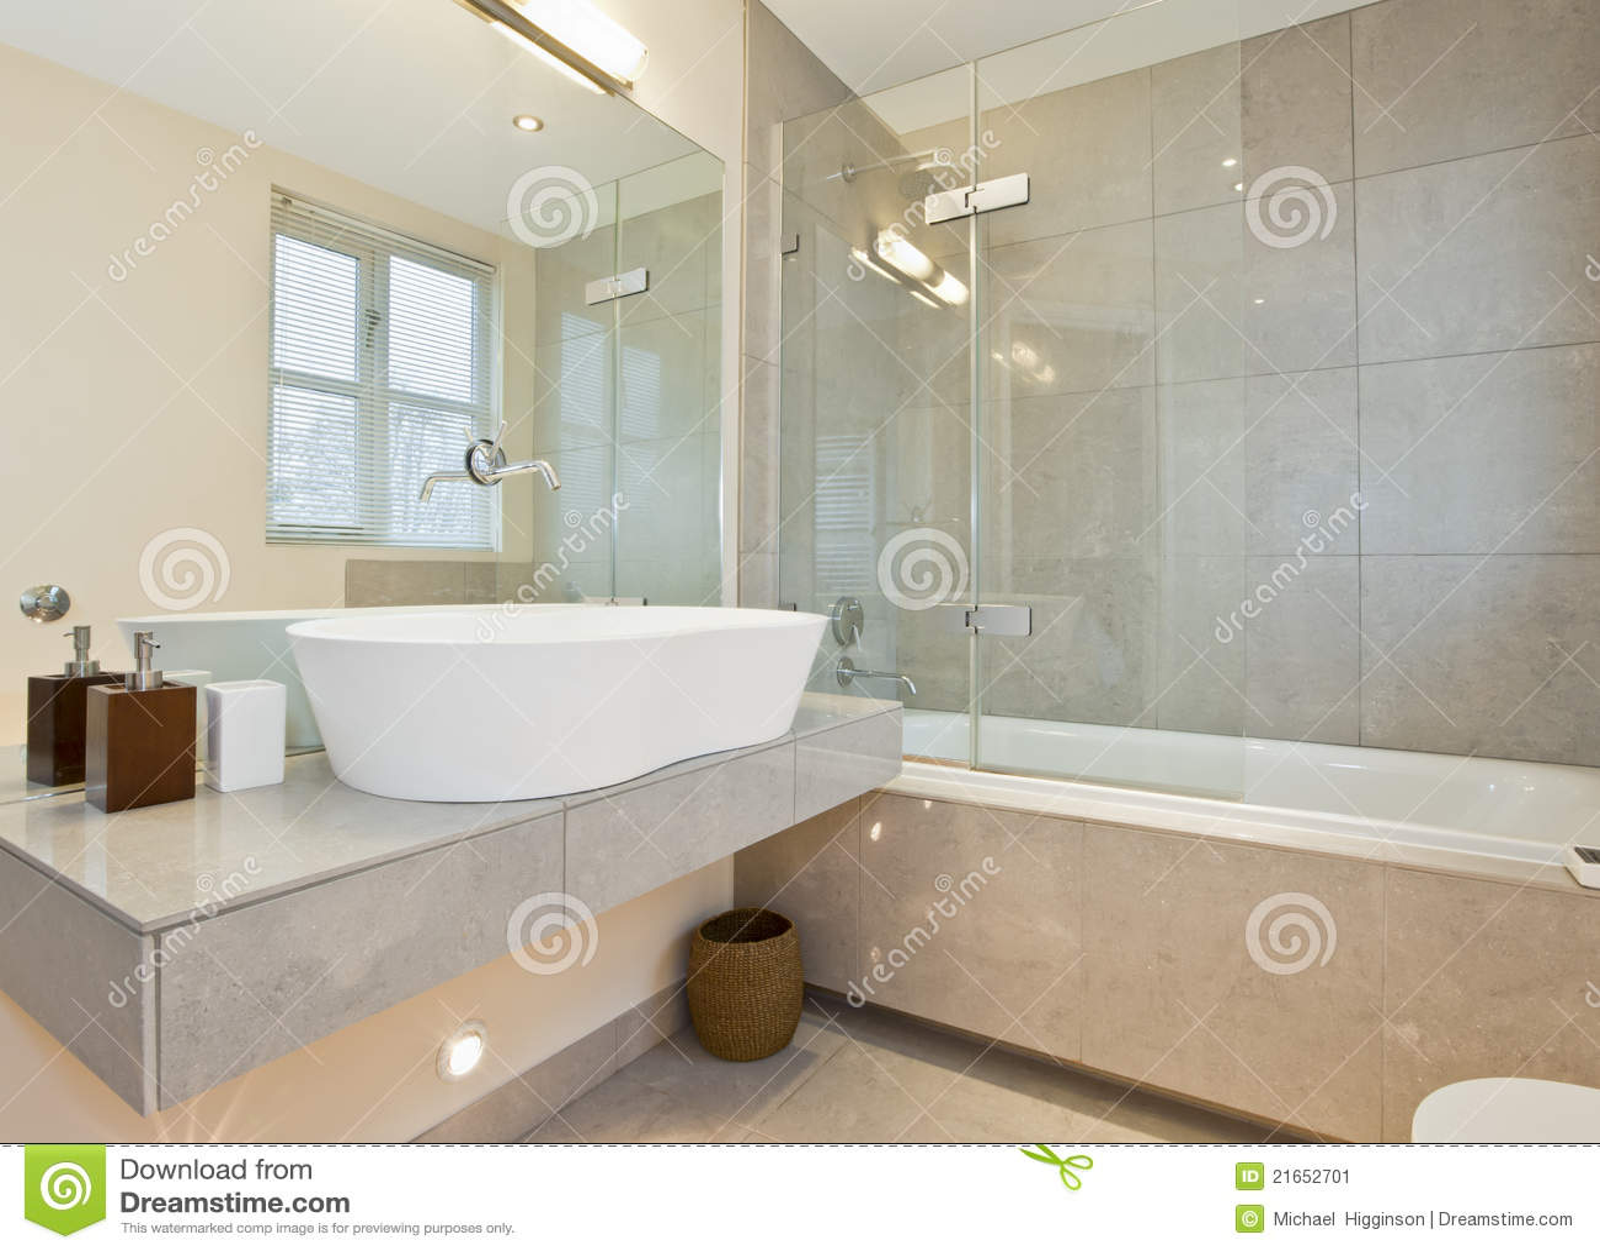 Camere Da Bagno Moderne.Il Marmo Moderno Ha Coperto Di Tegoli La Stanza Da Bagno